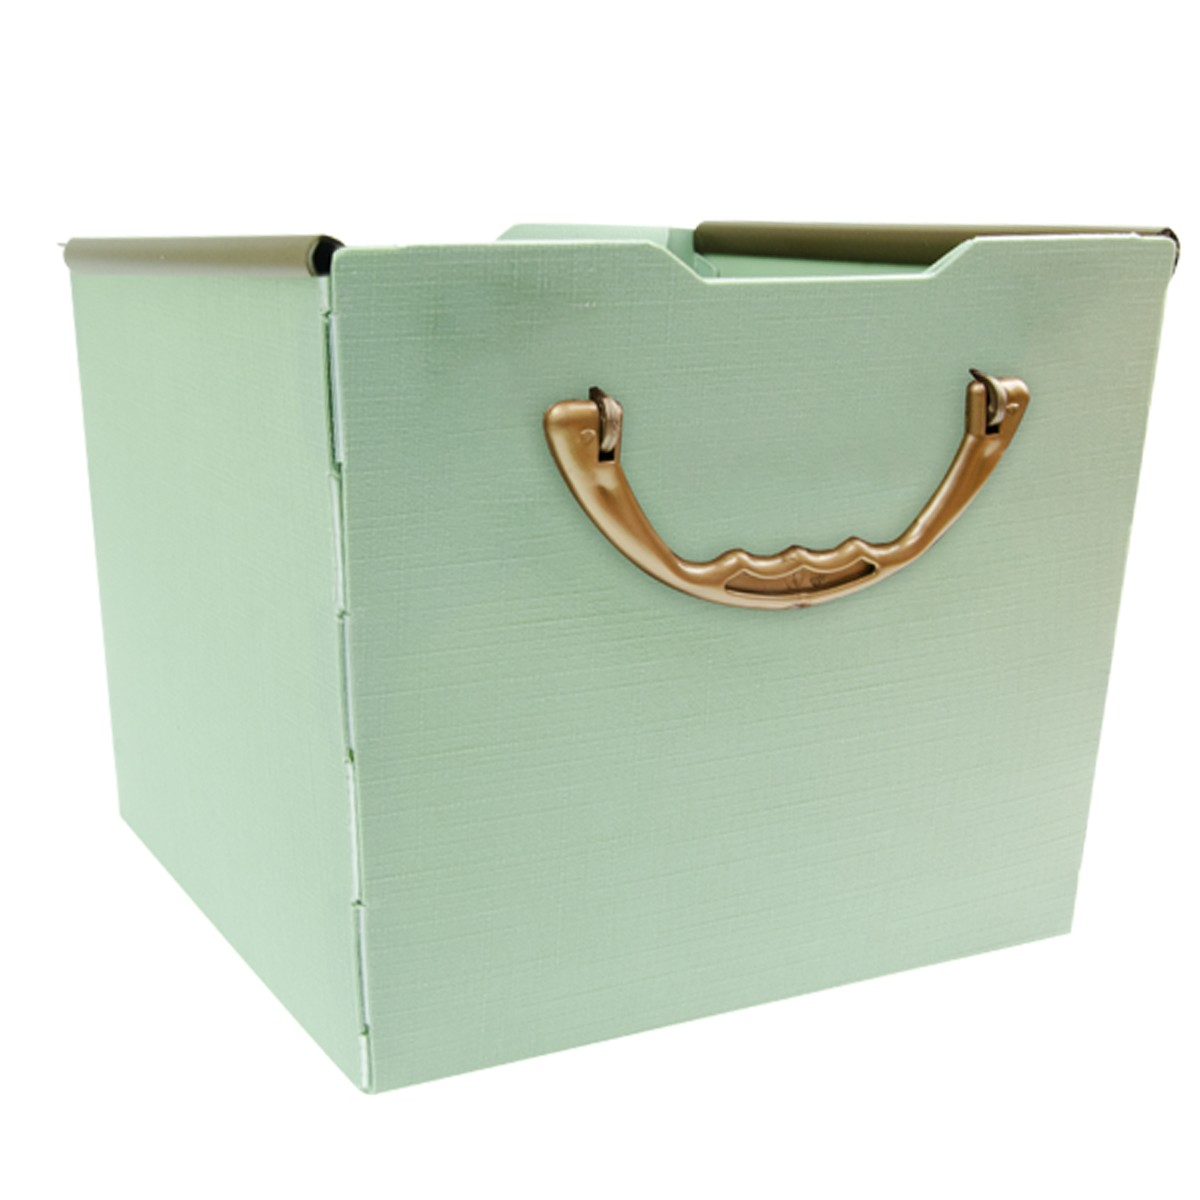 Cesta Organizadora de Plastico 225x225cm Quadrada Empilhavel Verde - Protea